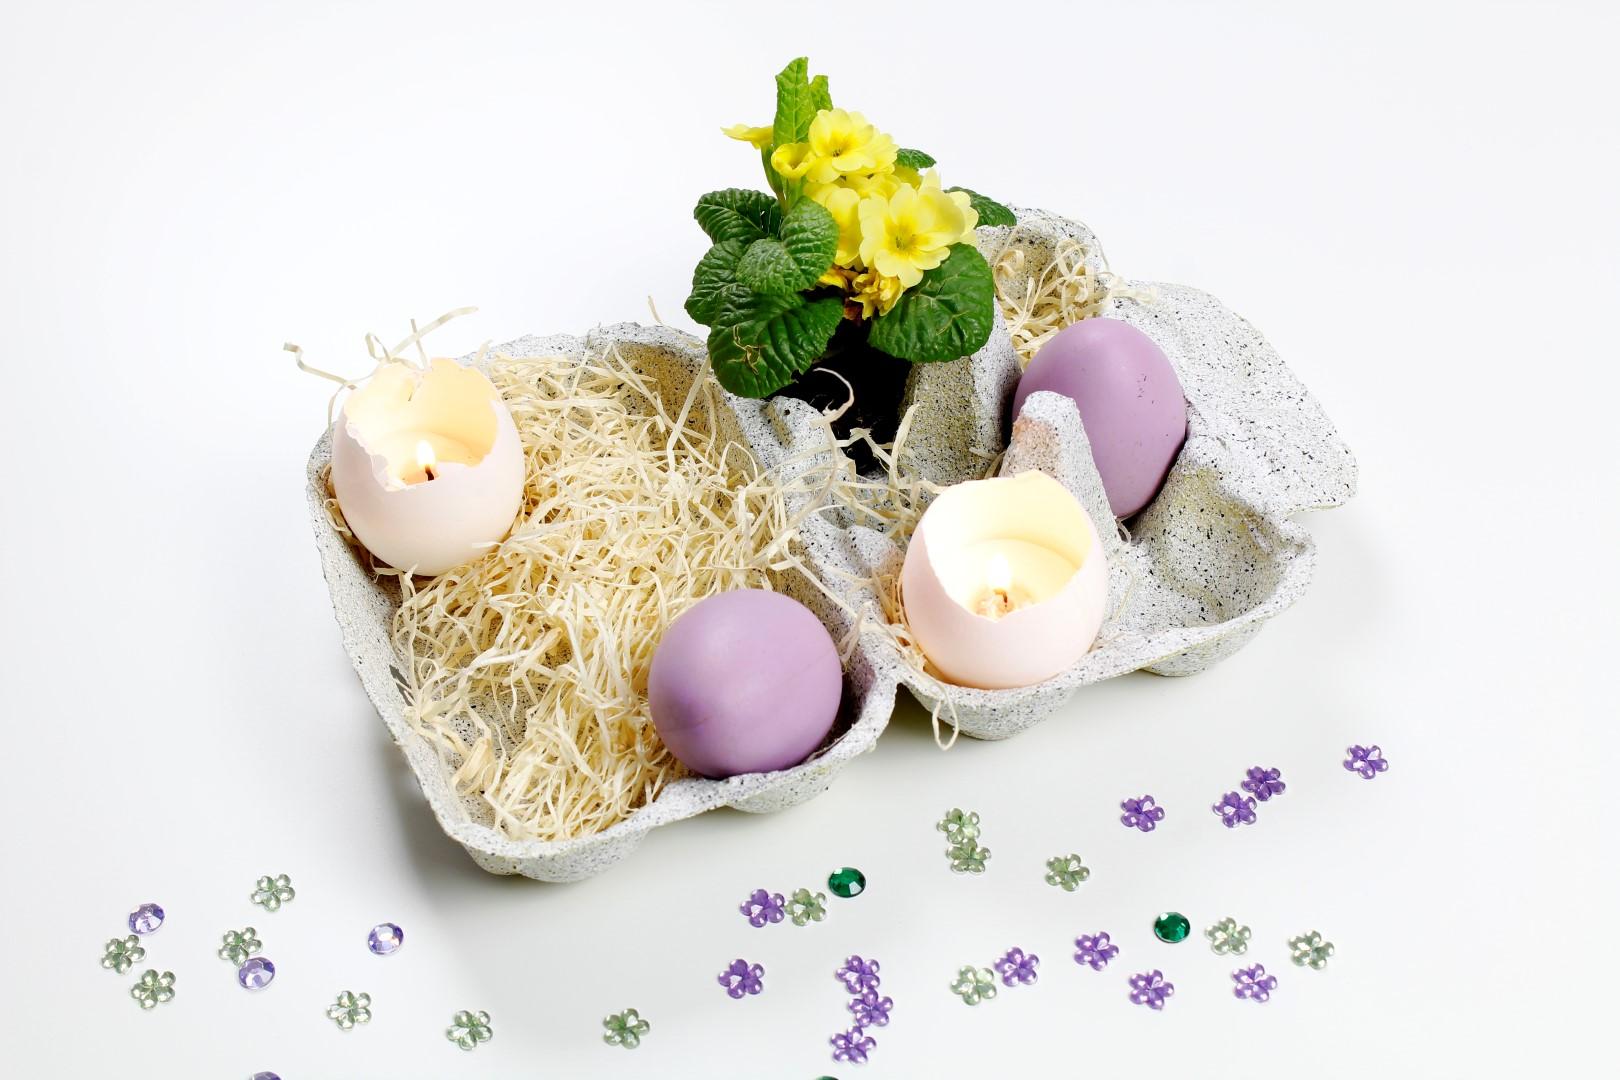 Schöne Dekoration für Ostern